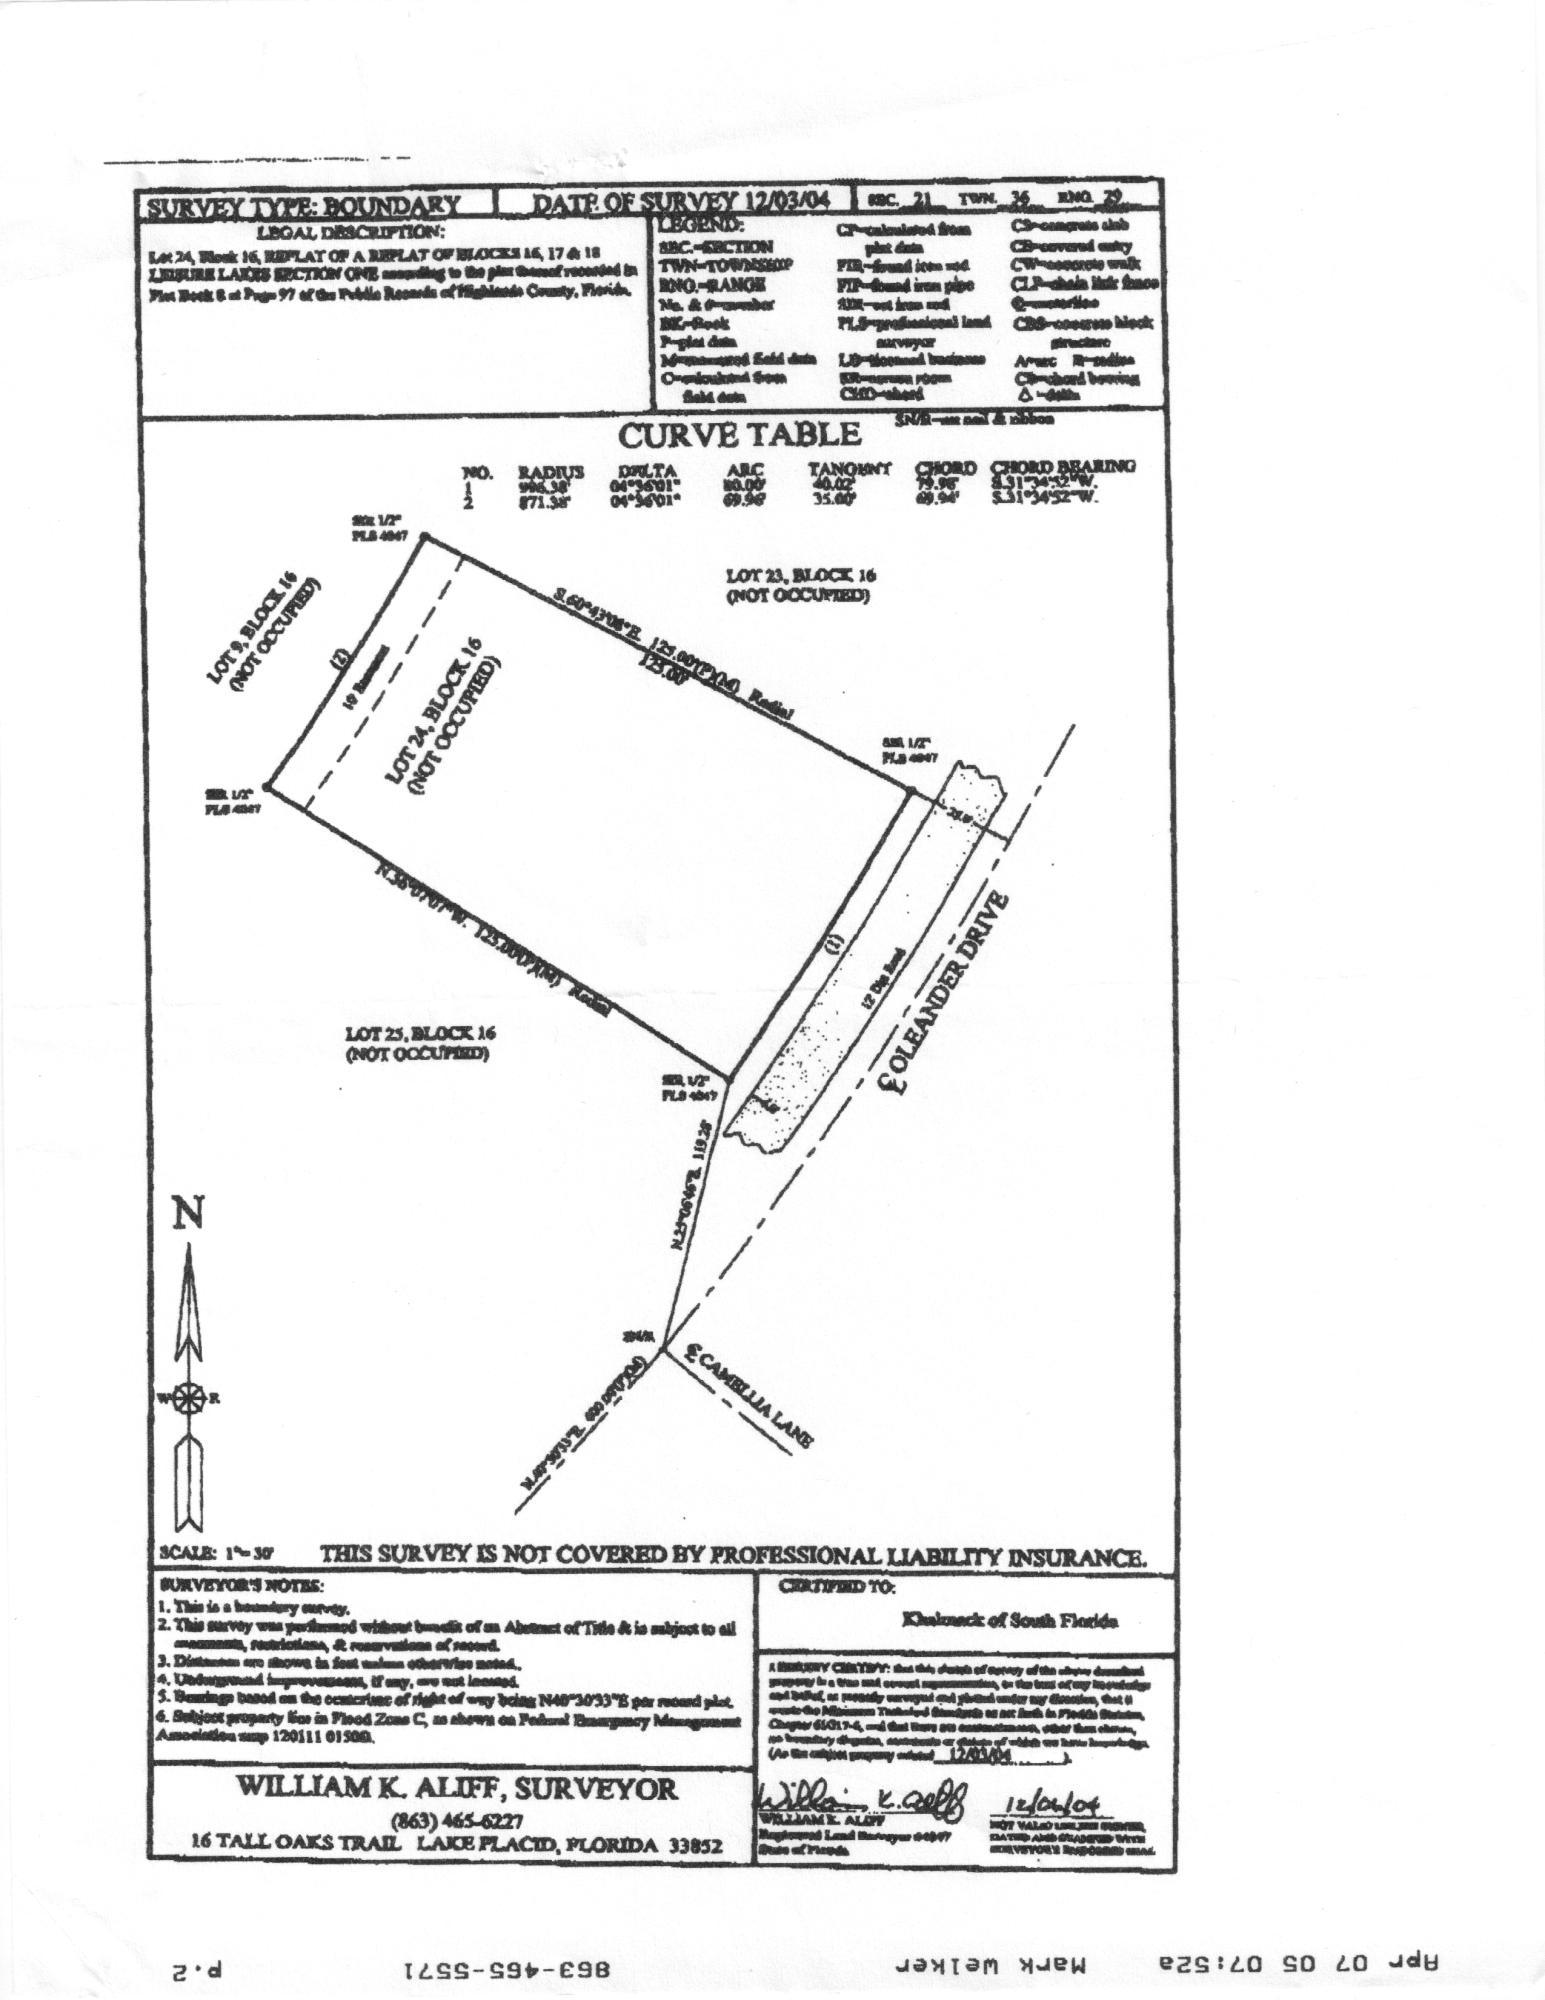 oleander property survey